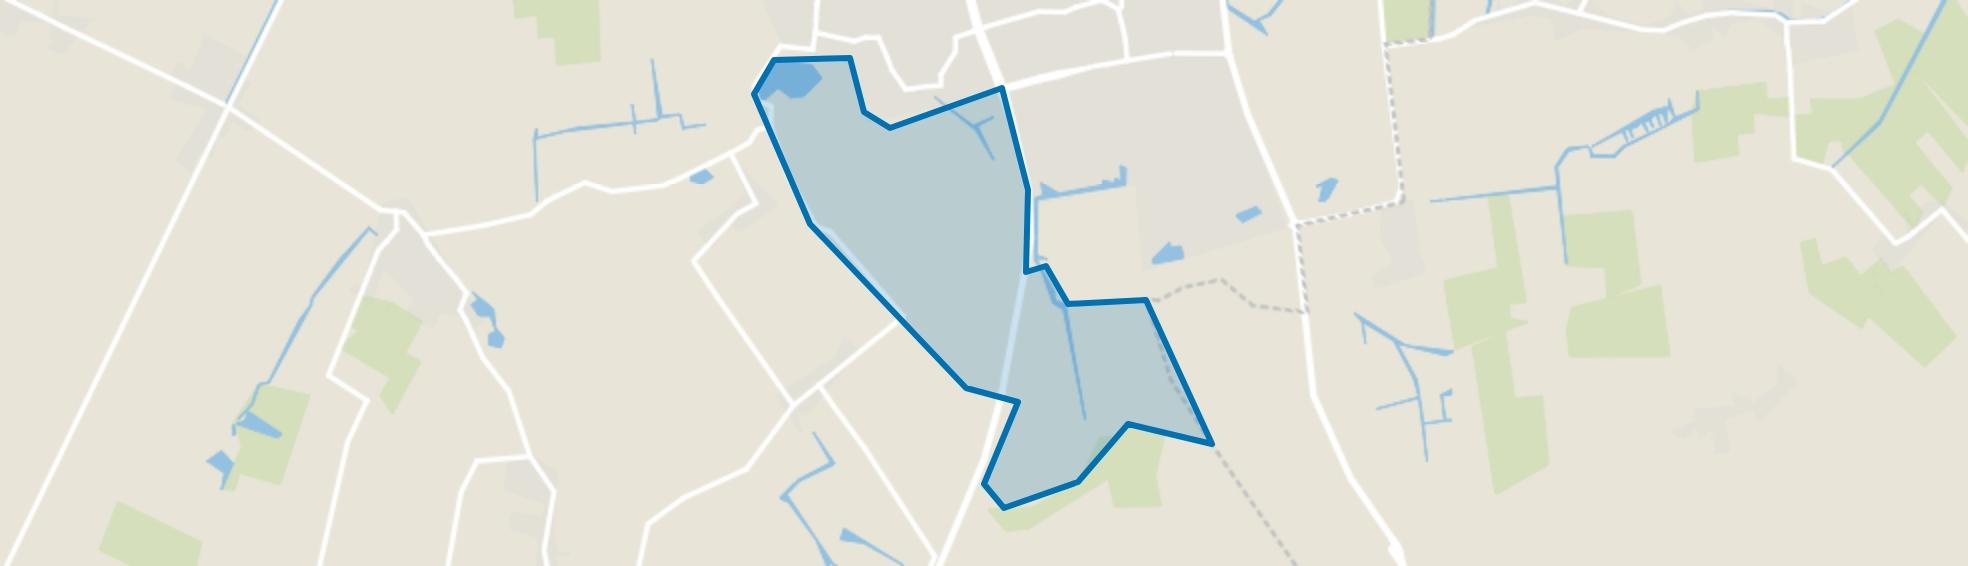 Tolke, Tjallewal en Buitengebied, Schagen map